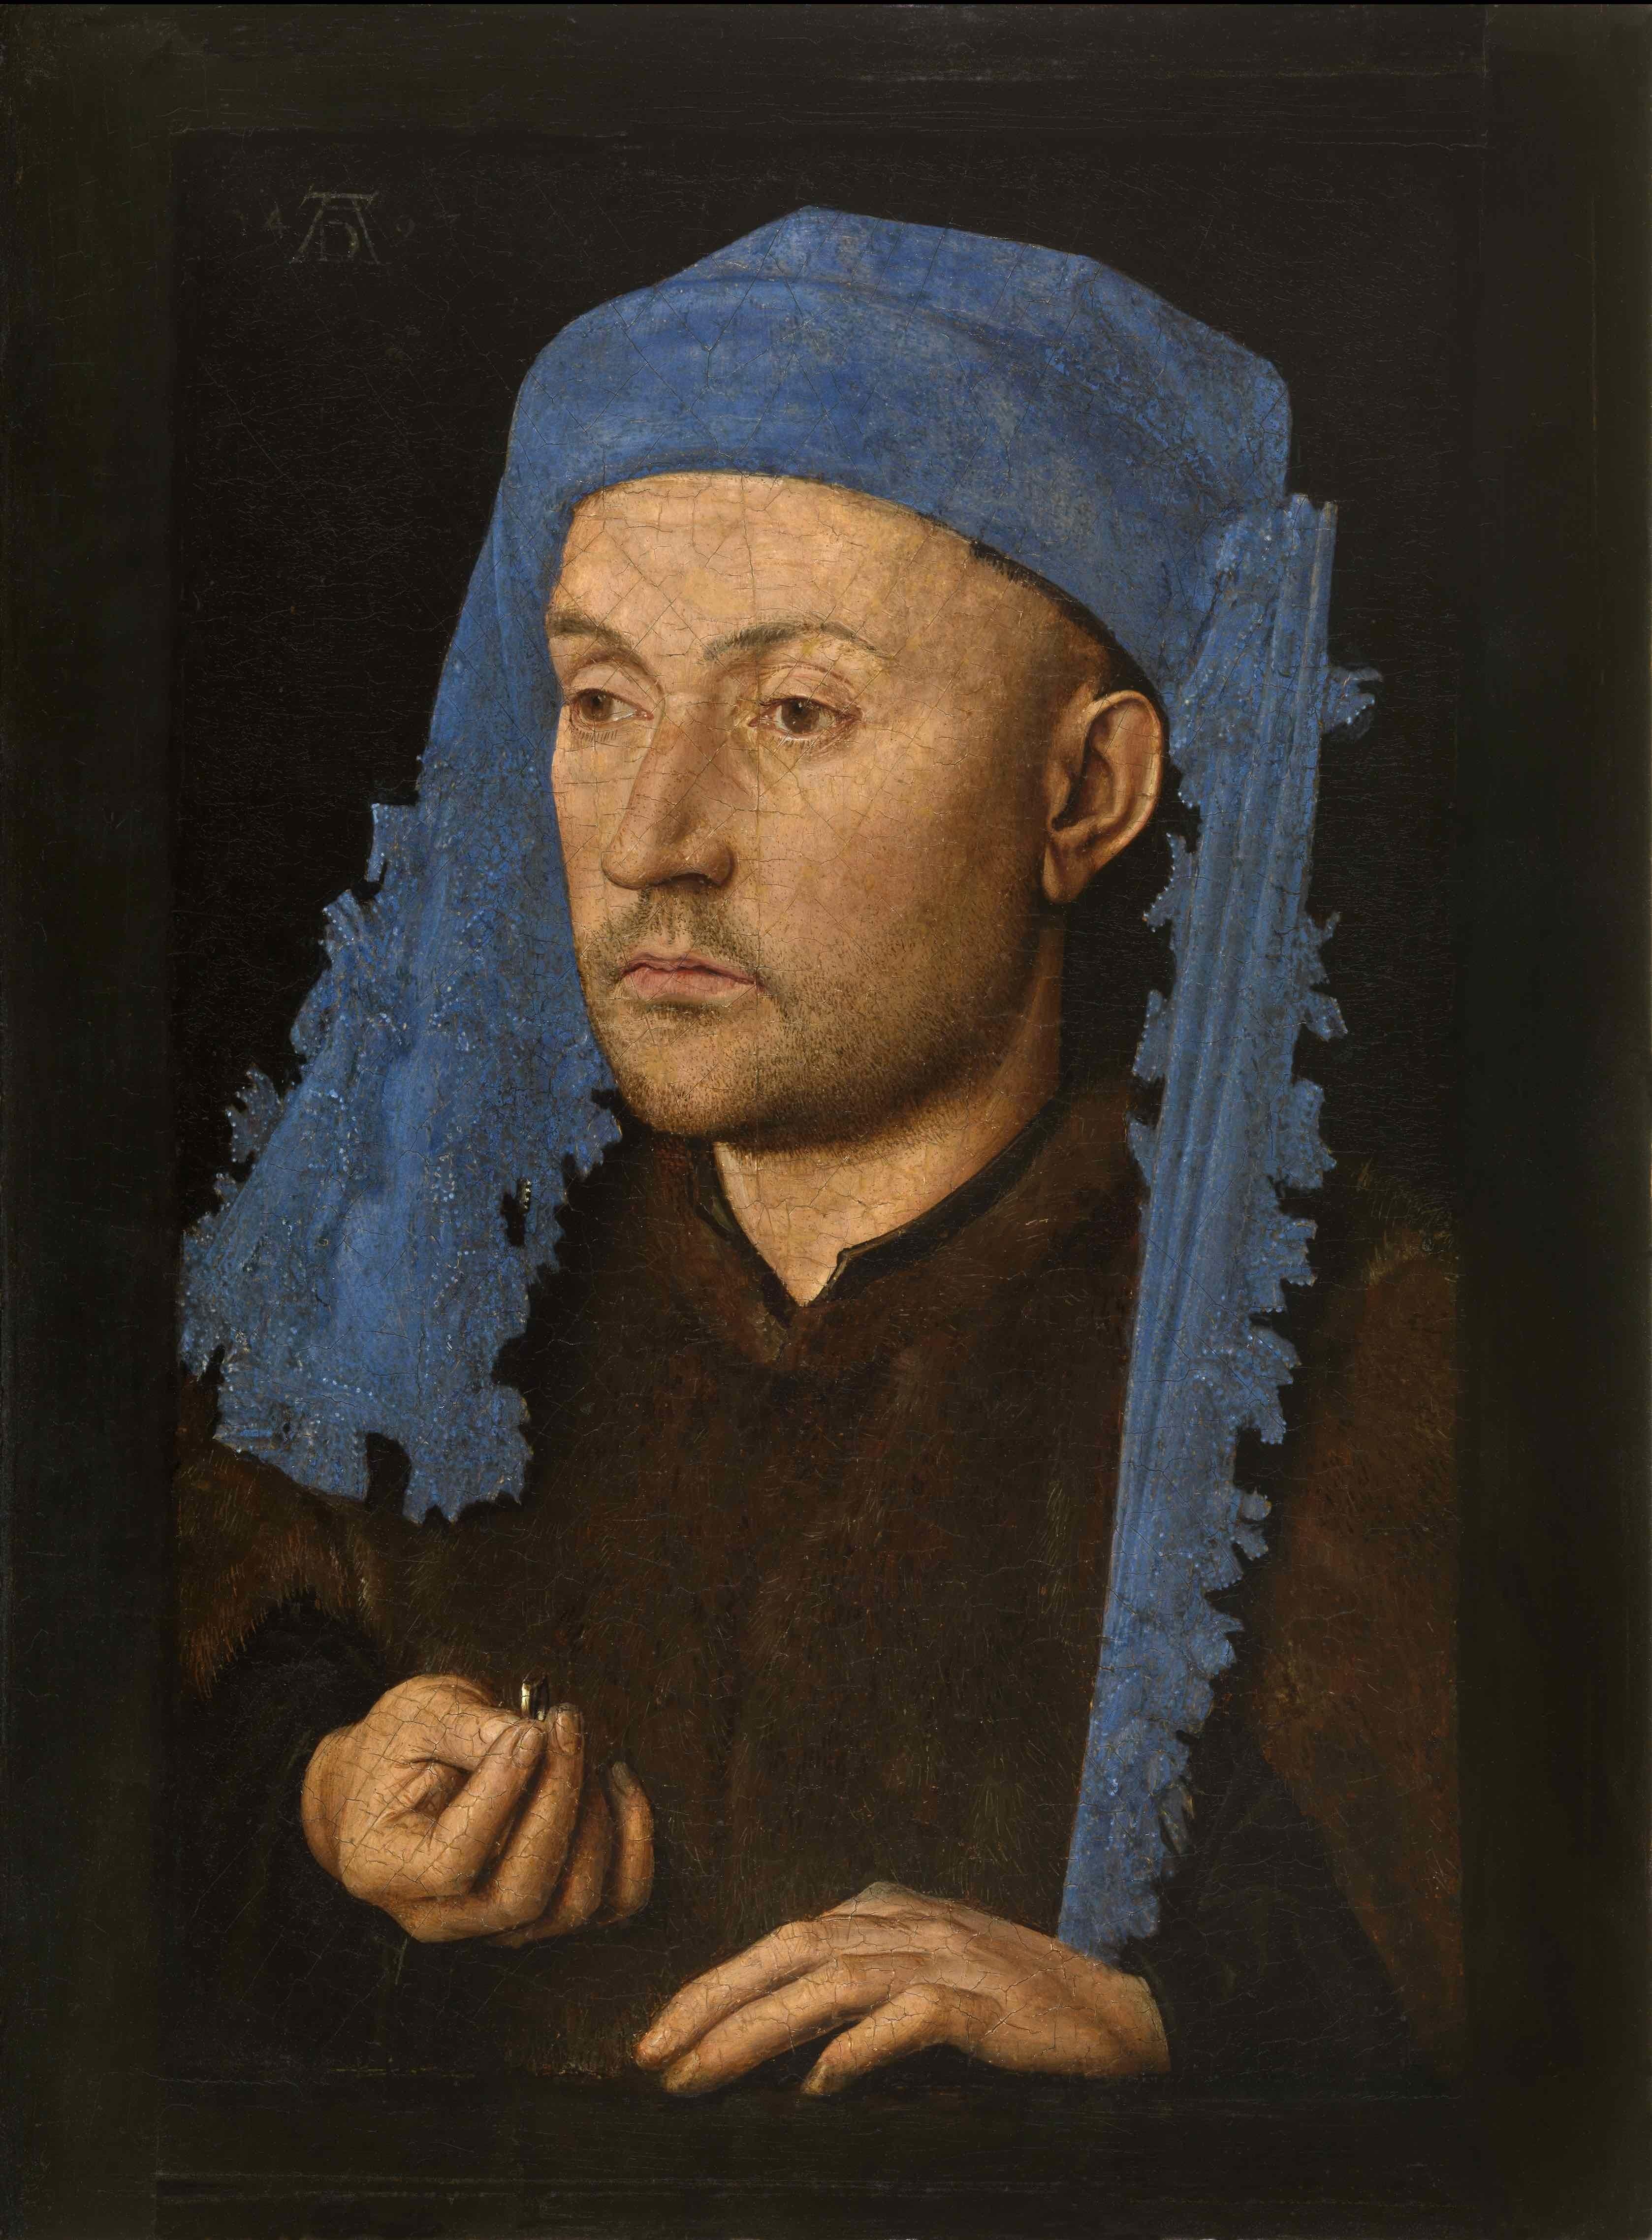 05 Portret van een man met blauwe kaproen